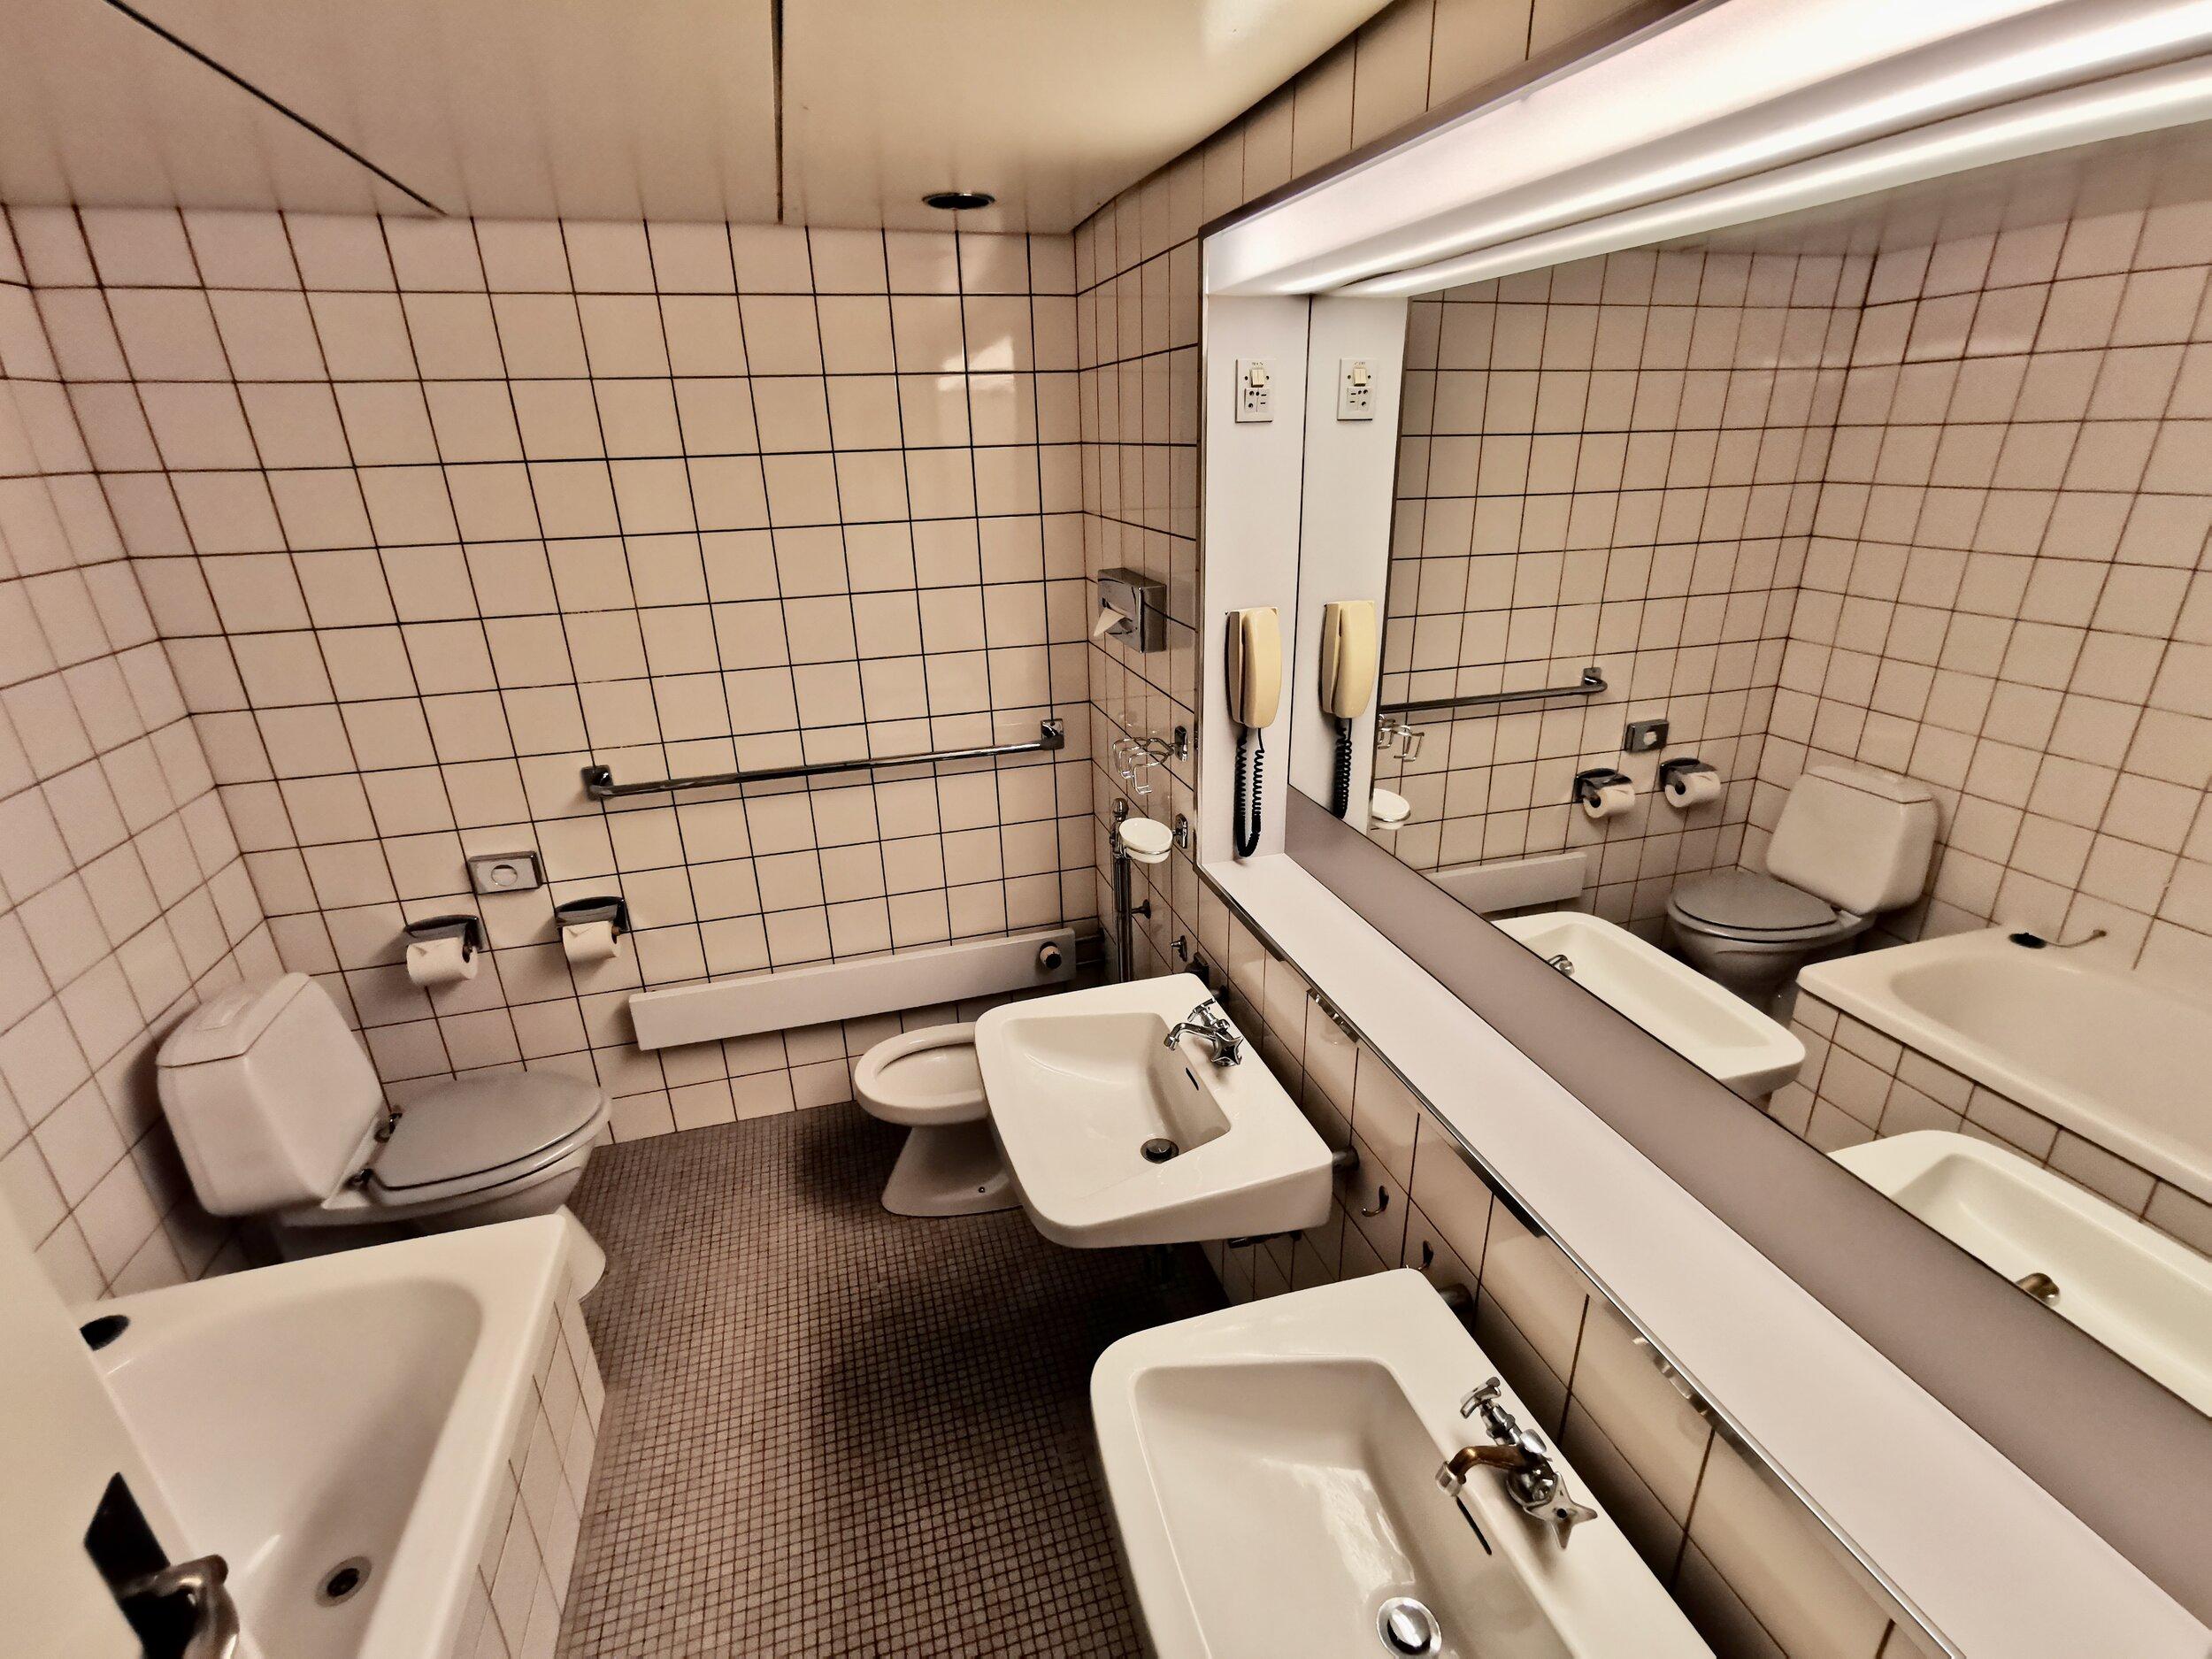 Legg merke til de små detaljene i det gamle badet på rom 606. Foto: Odd Roar Lange